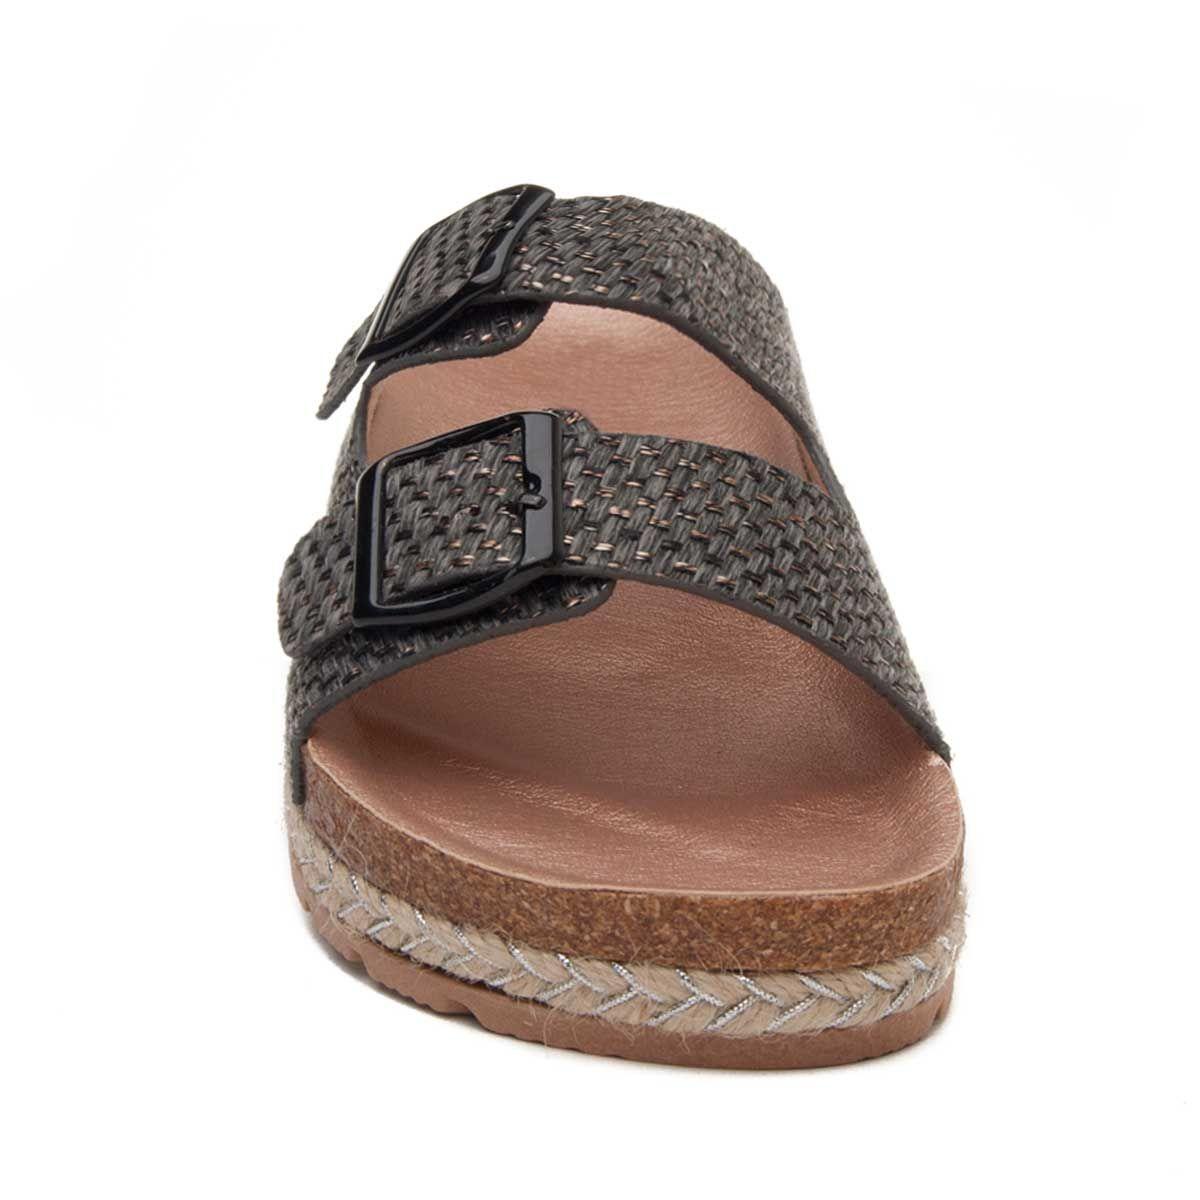 Montevita Double Buckle Flat Sandal in Grey